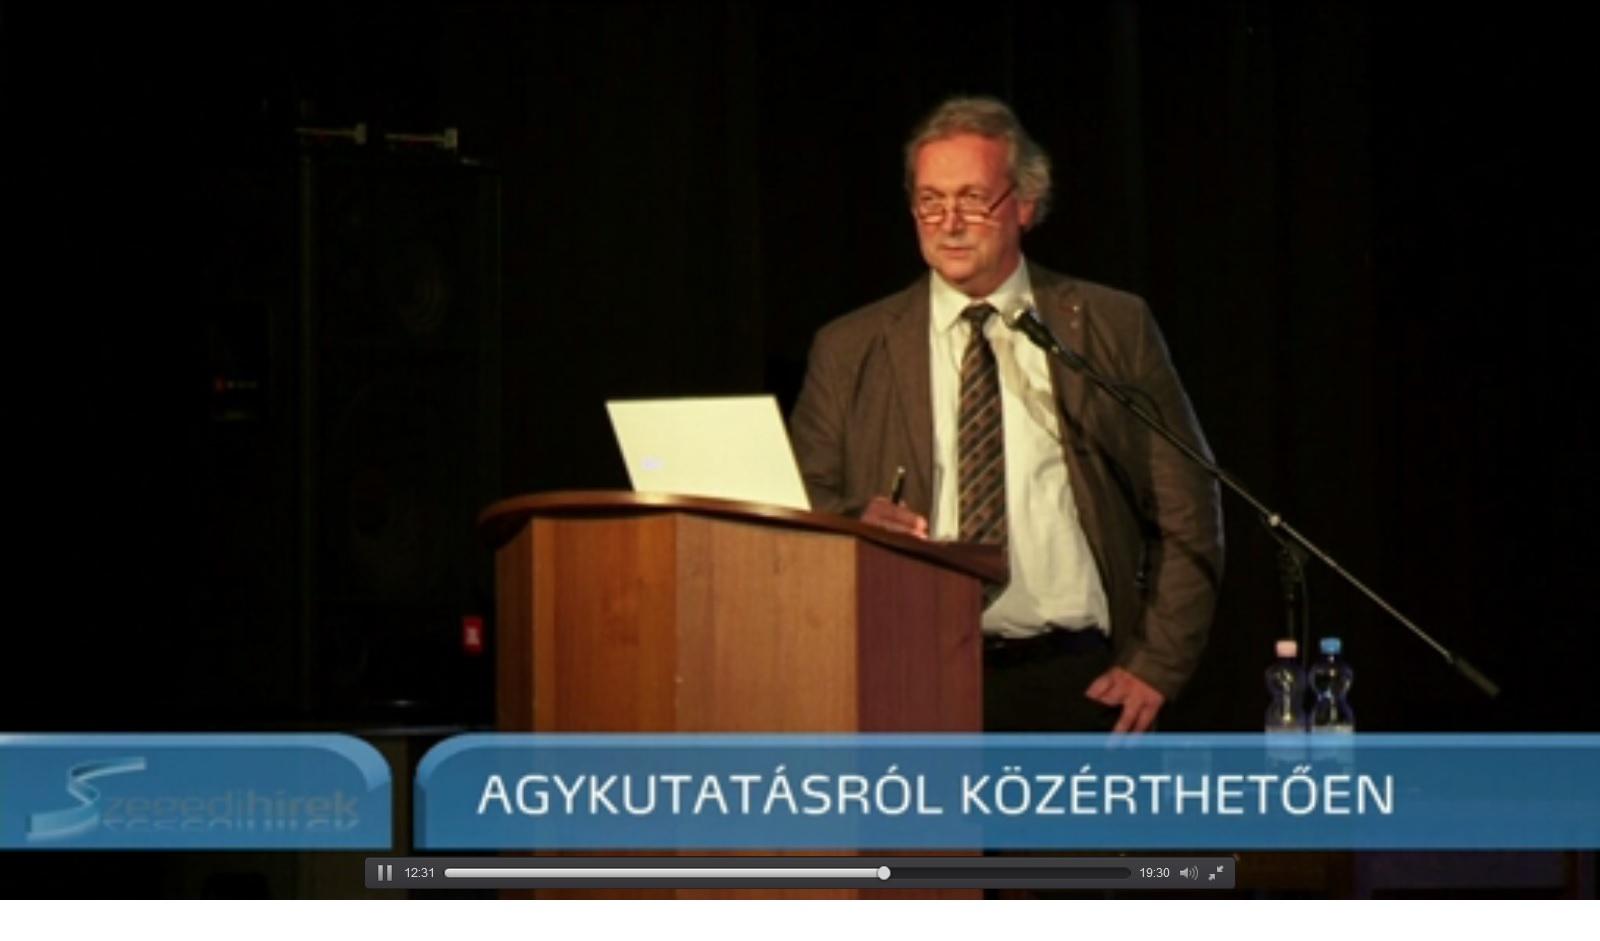 FT Szeged TV 1